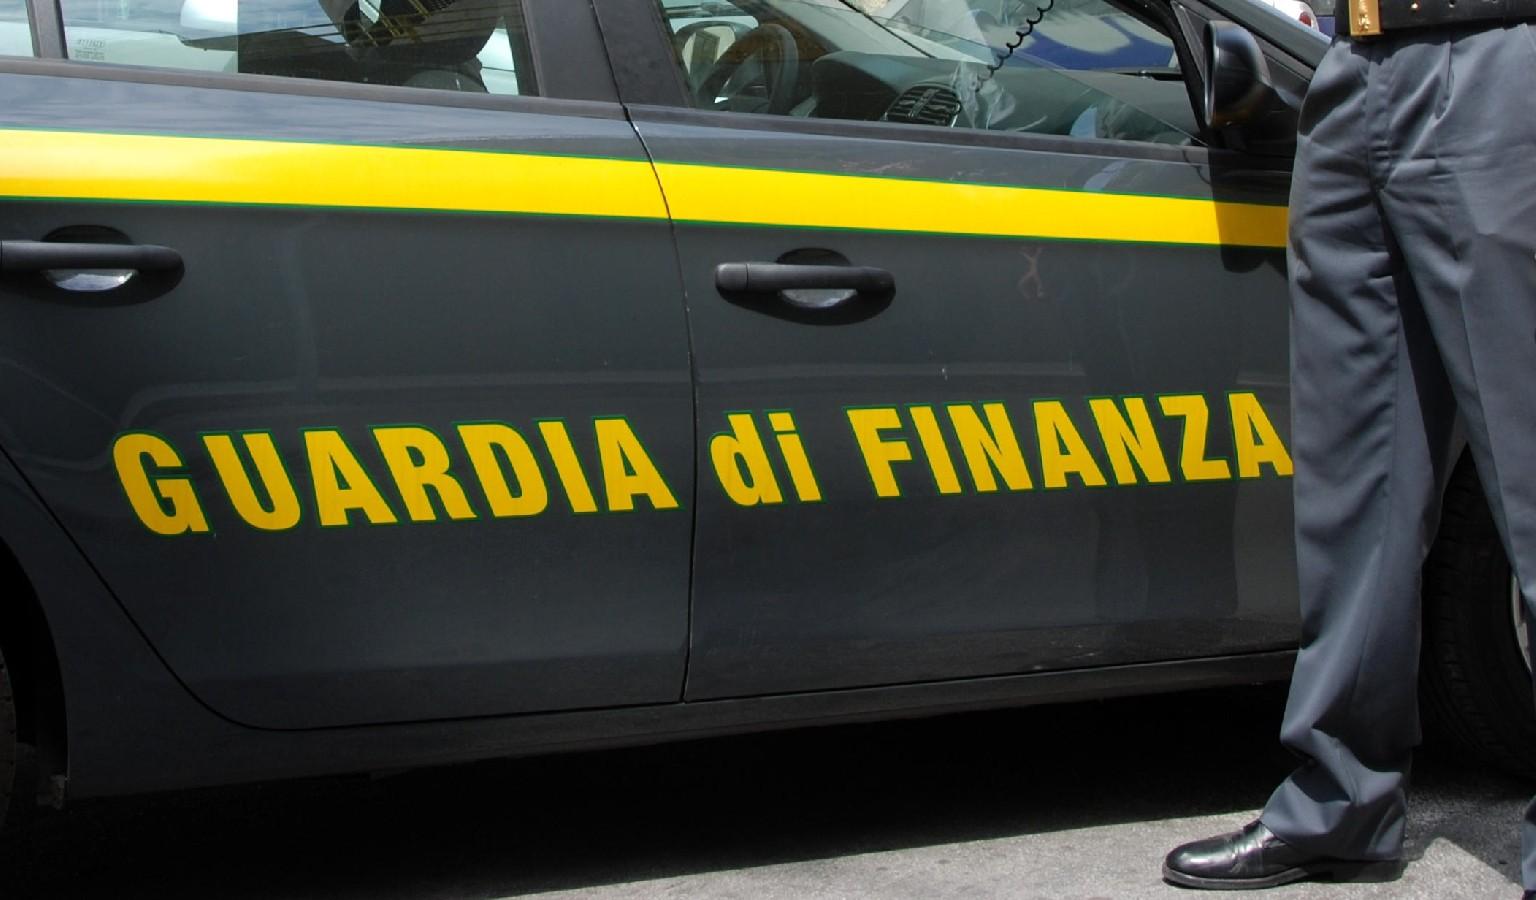 Foggia, maxi operazione della guardia di finanza per truffa INPS